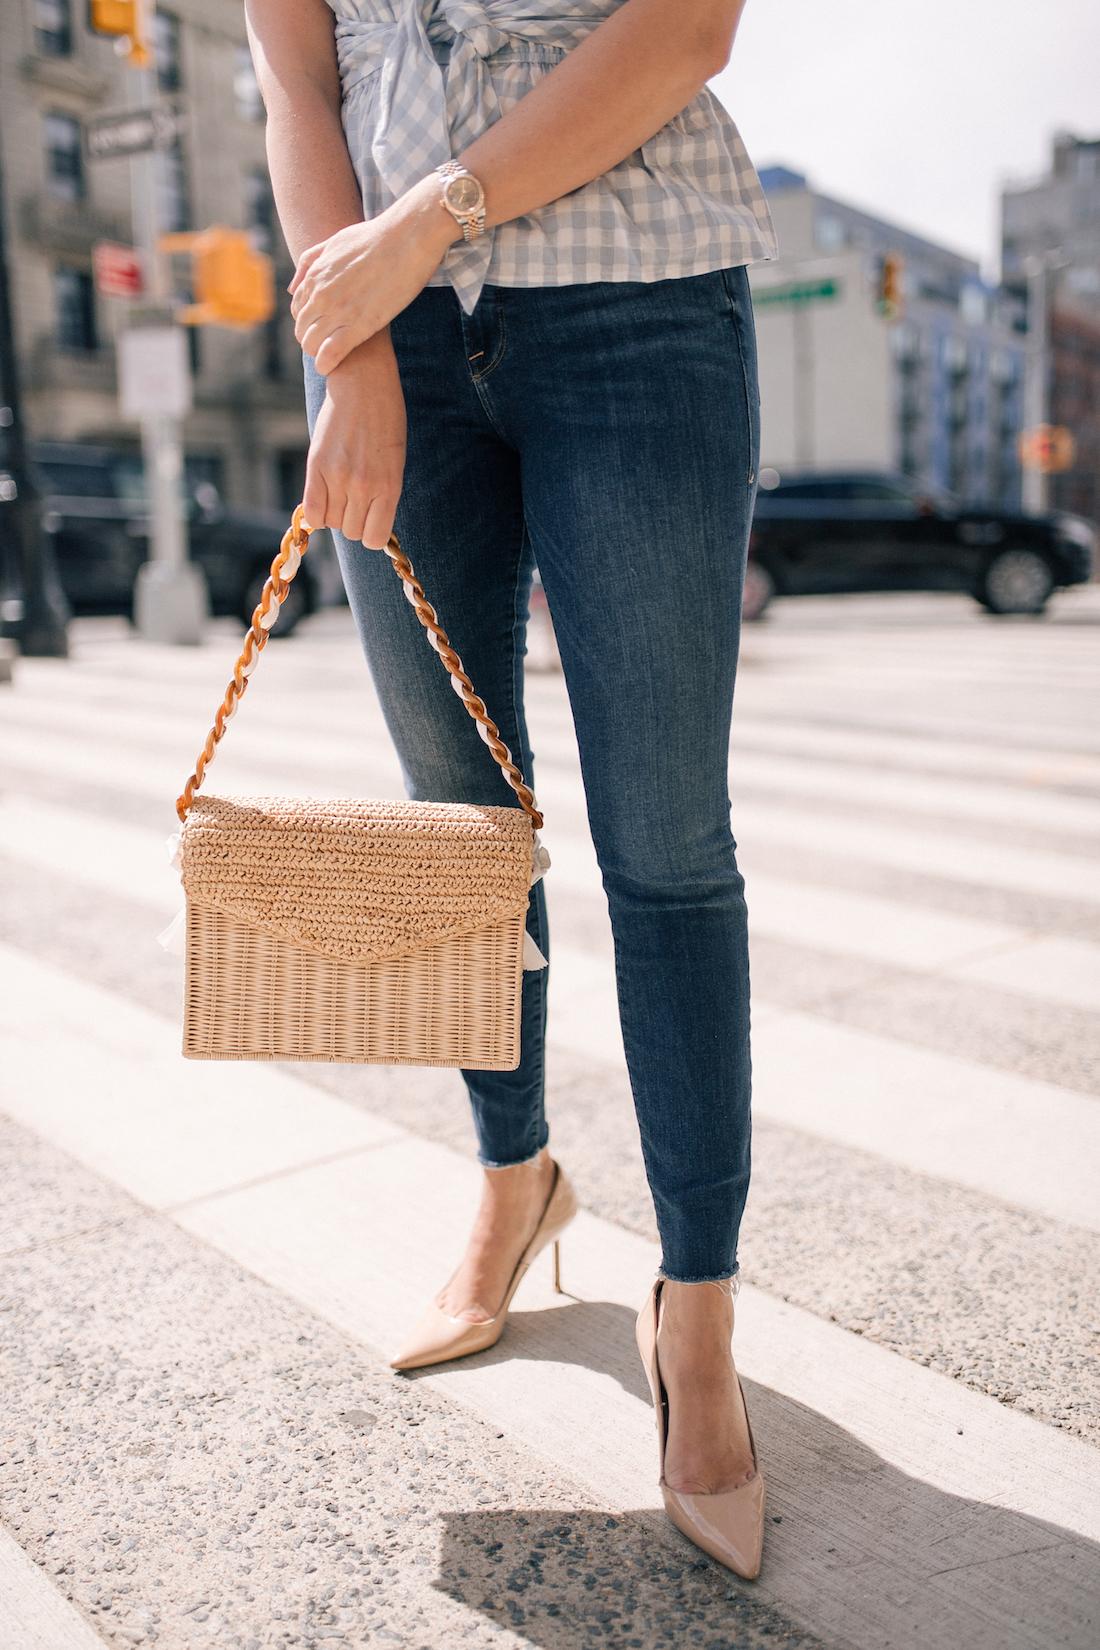 Grace Atwood's Outfit Details: Good American Jeans // Manolo Blahnik Pumps // Pamela Munson Bag